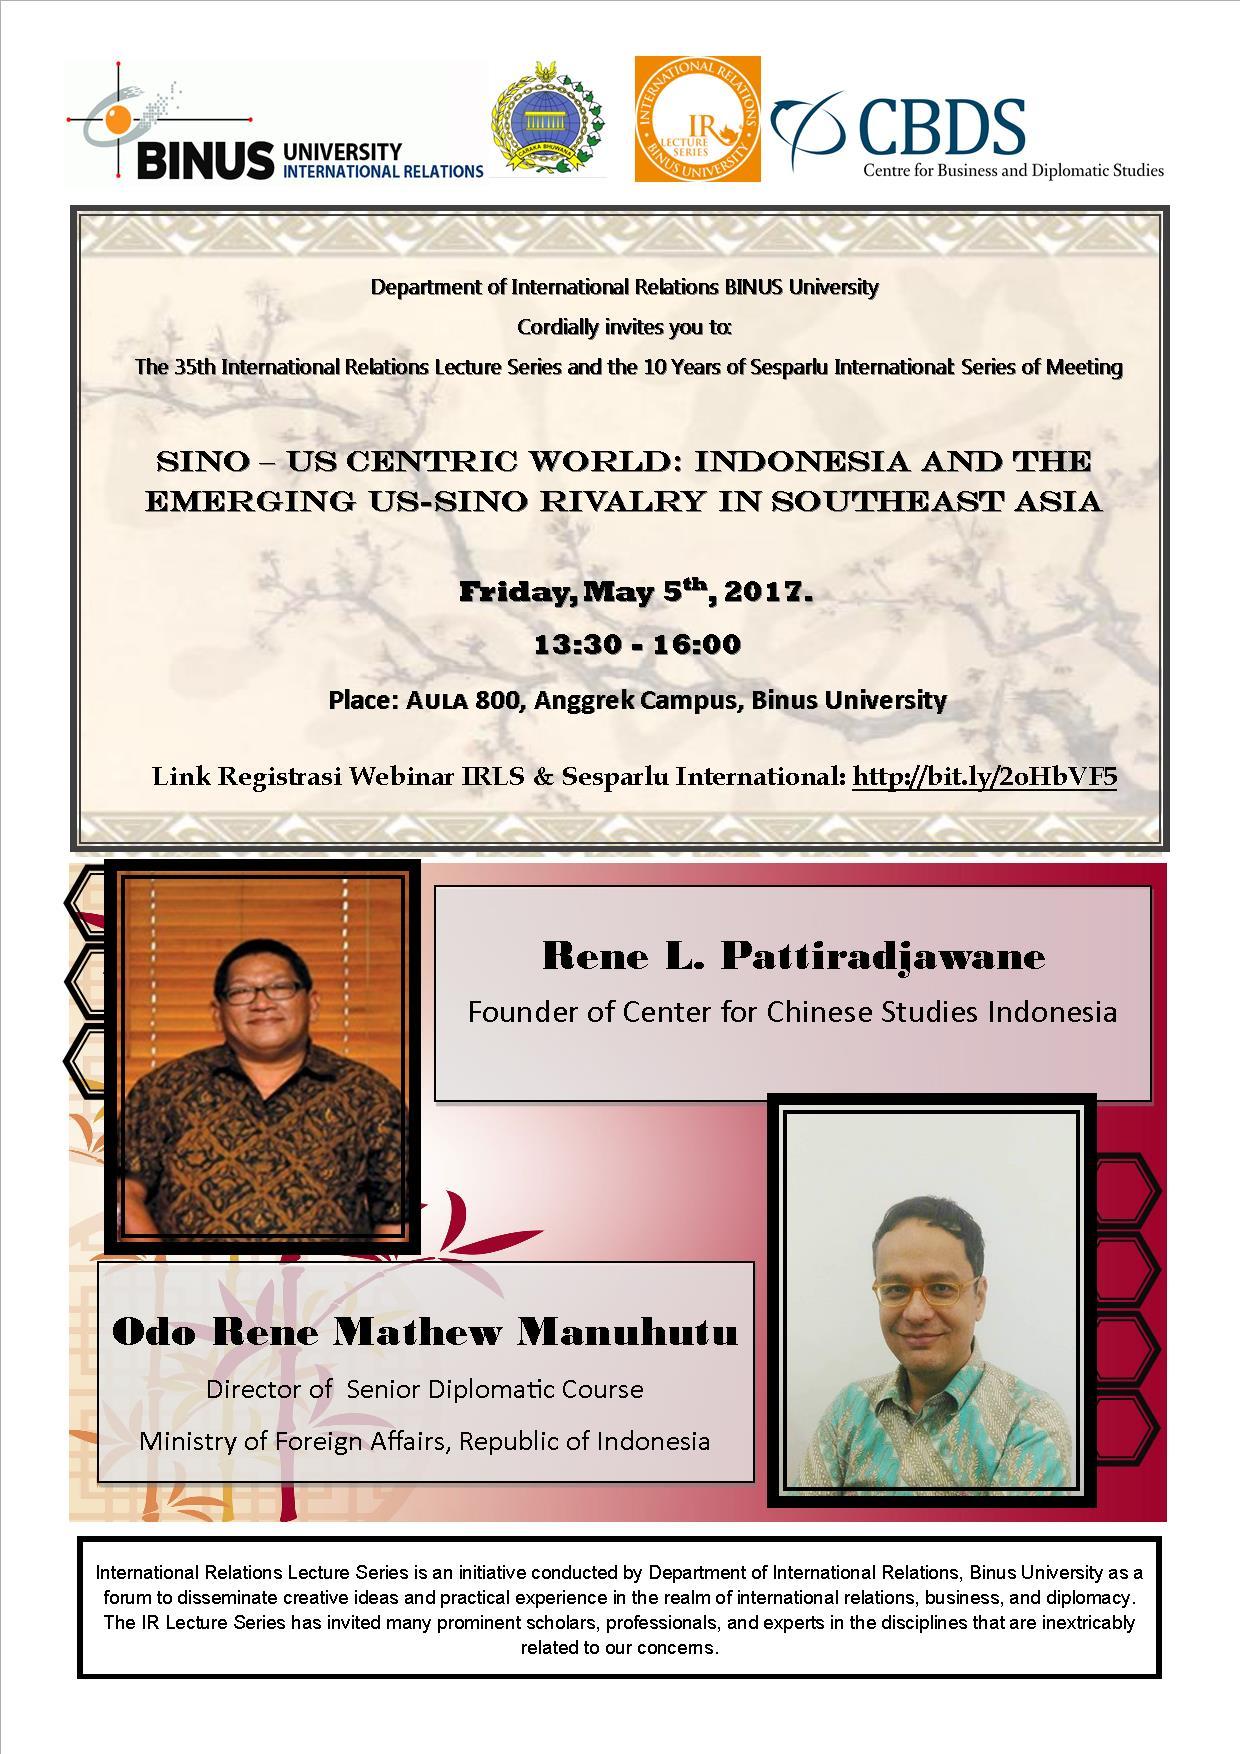 International Relations Lecture Series (IRLS) & 10 Years of Sesparlu International: Series of Meeting